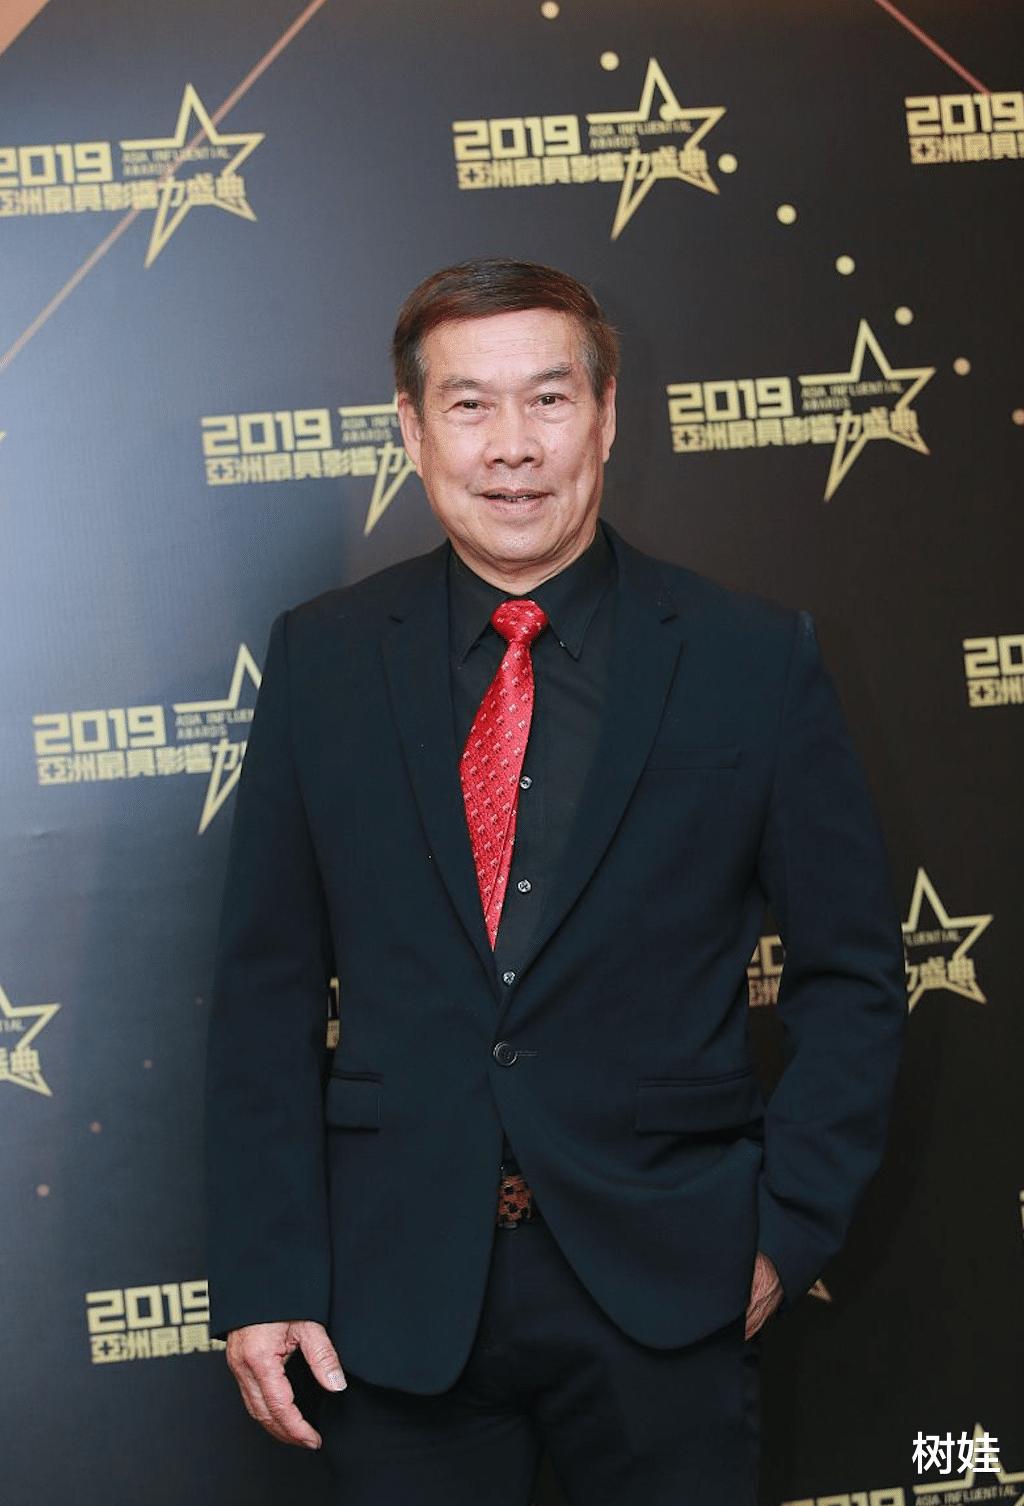 74岁白彪重返TVB意外走红,三剧连播演技受赞,曾三度演郭靖出名